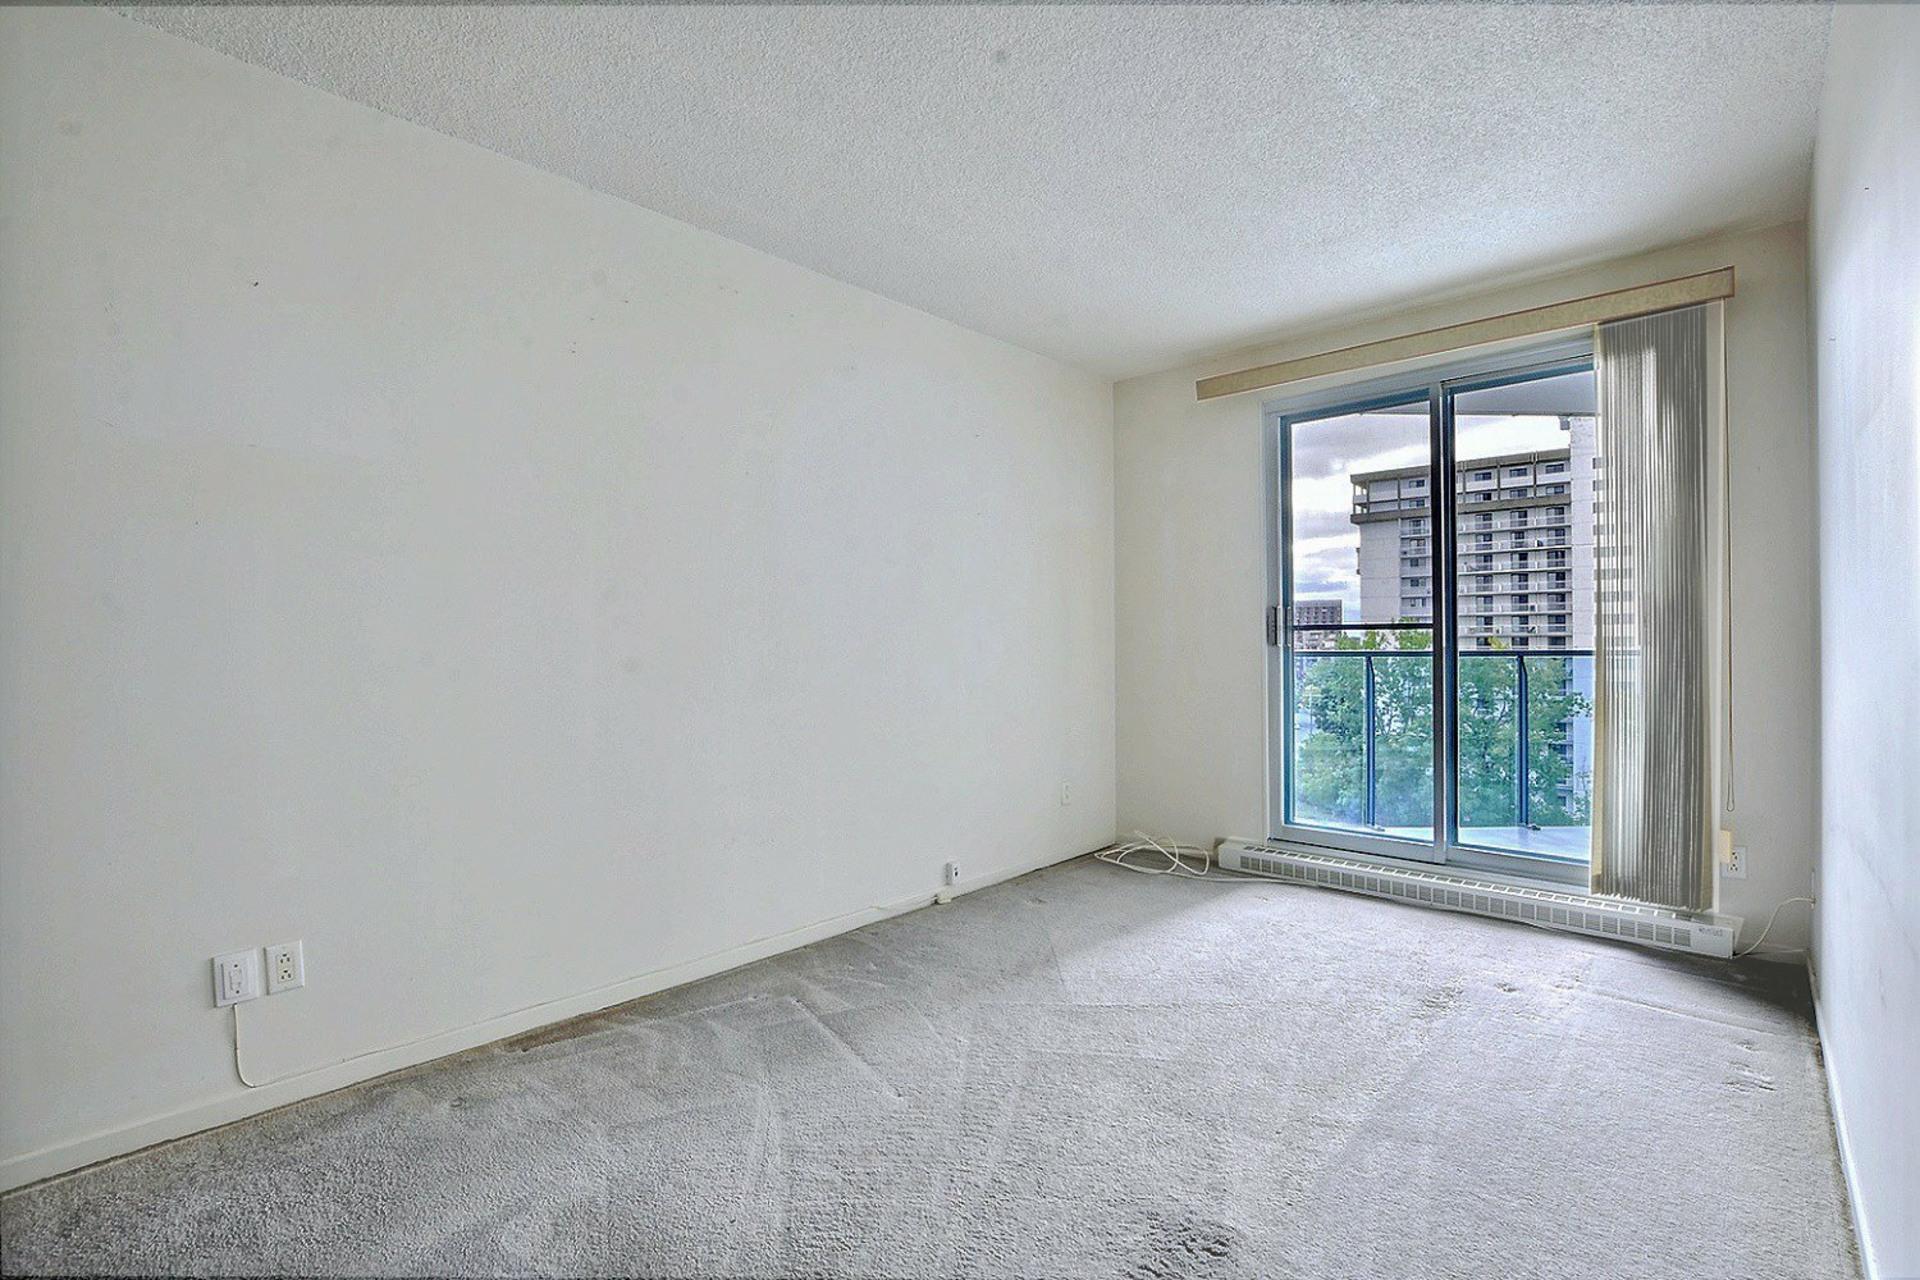 image 9 - Appartement À vendre Montréal Montréal-Nord  - 6 pièces